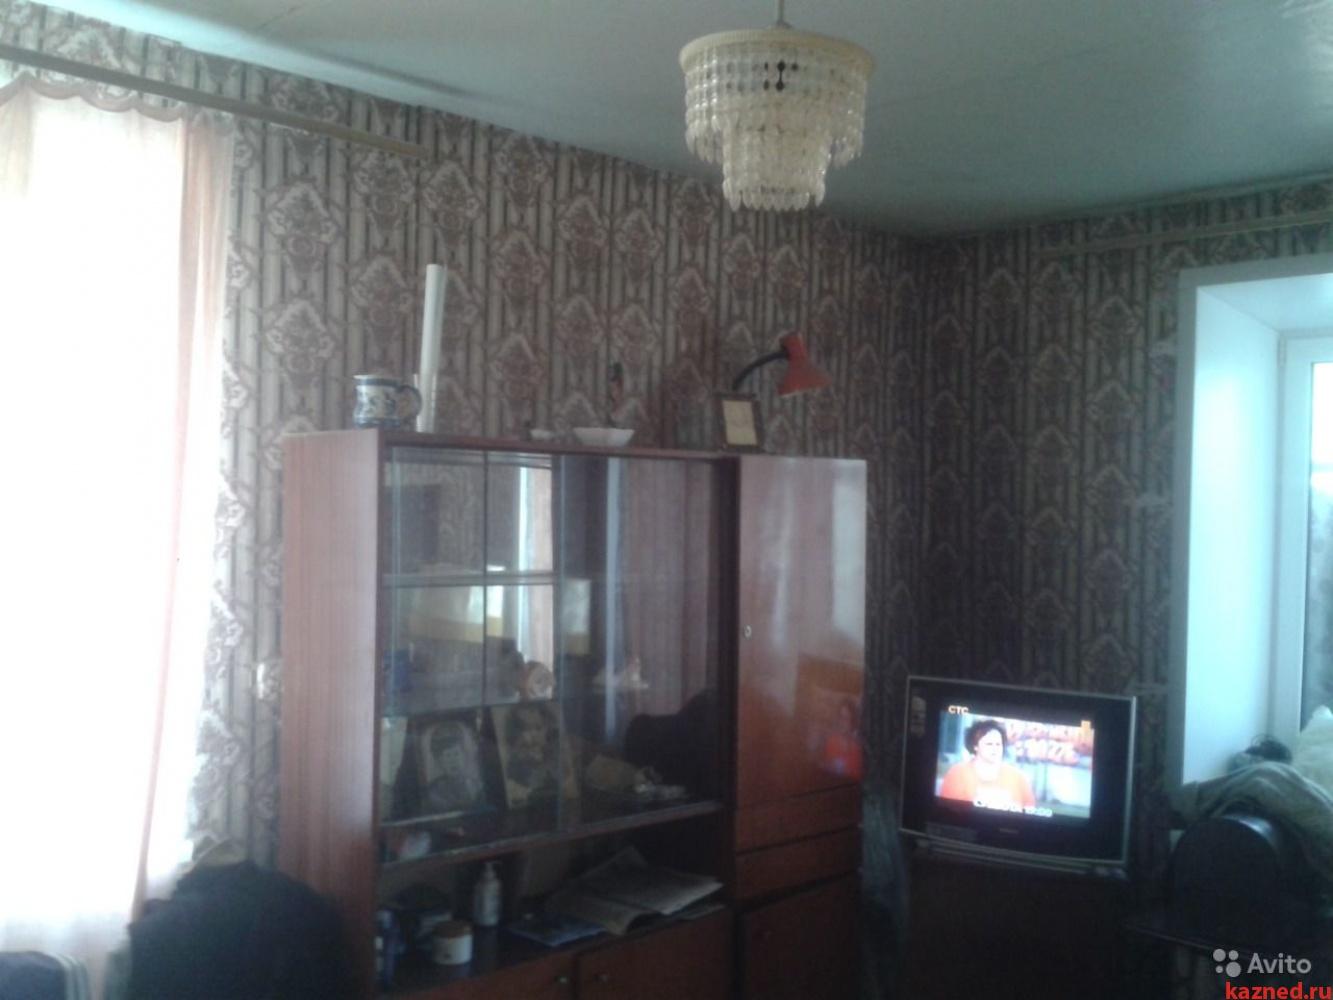 Продажа 1-к квартиры Новая, 7, 37 м²  (миниатюра №18)